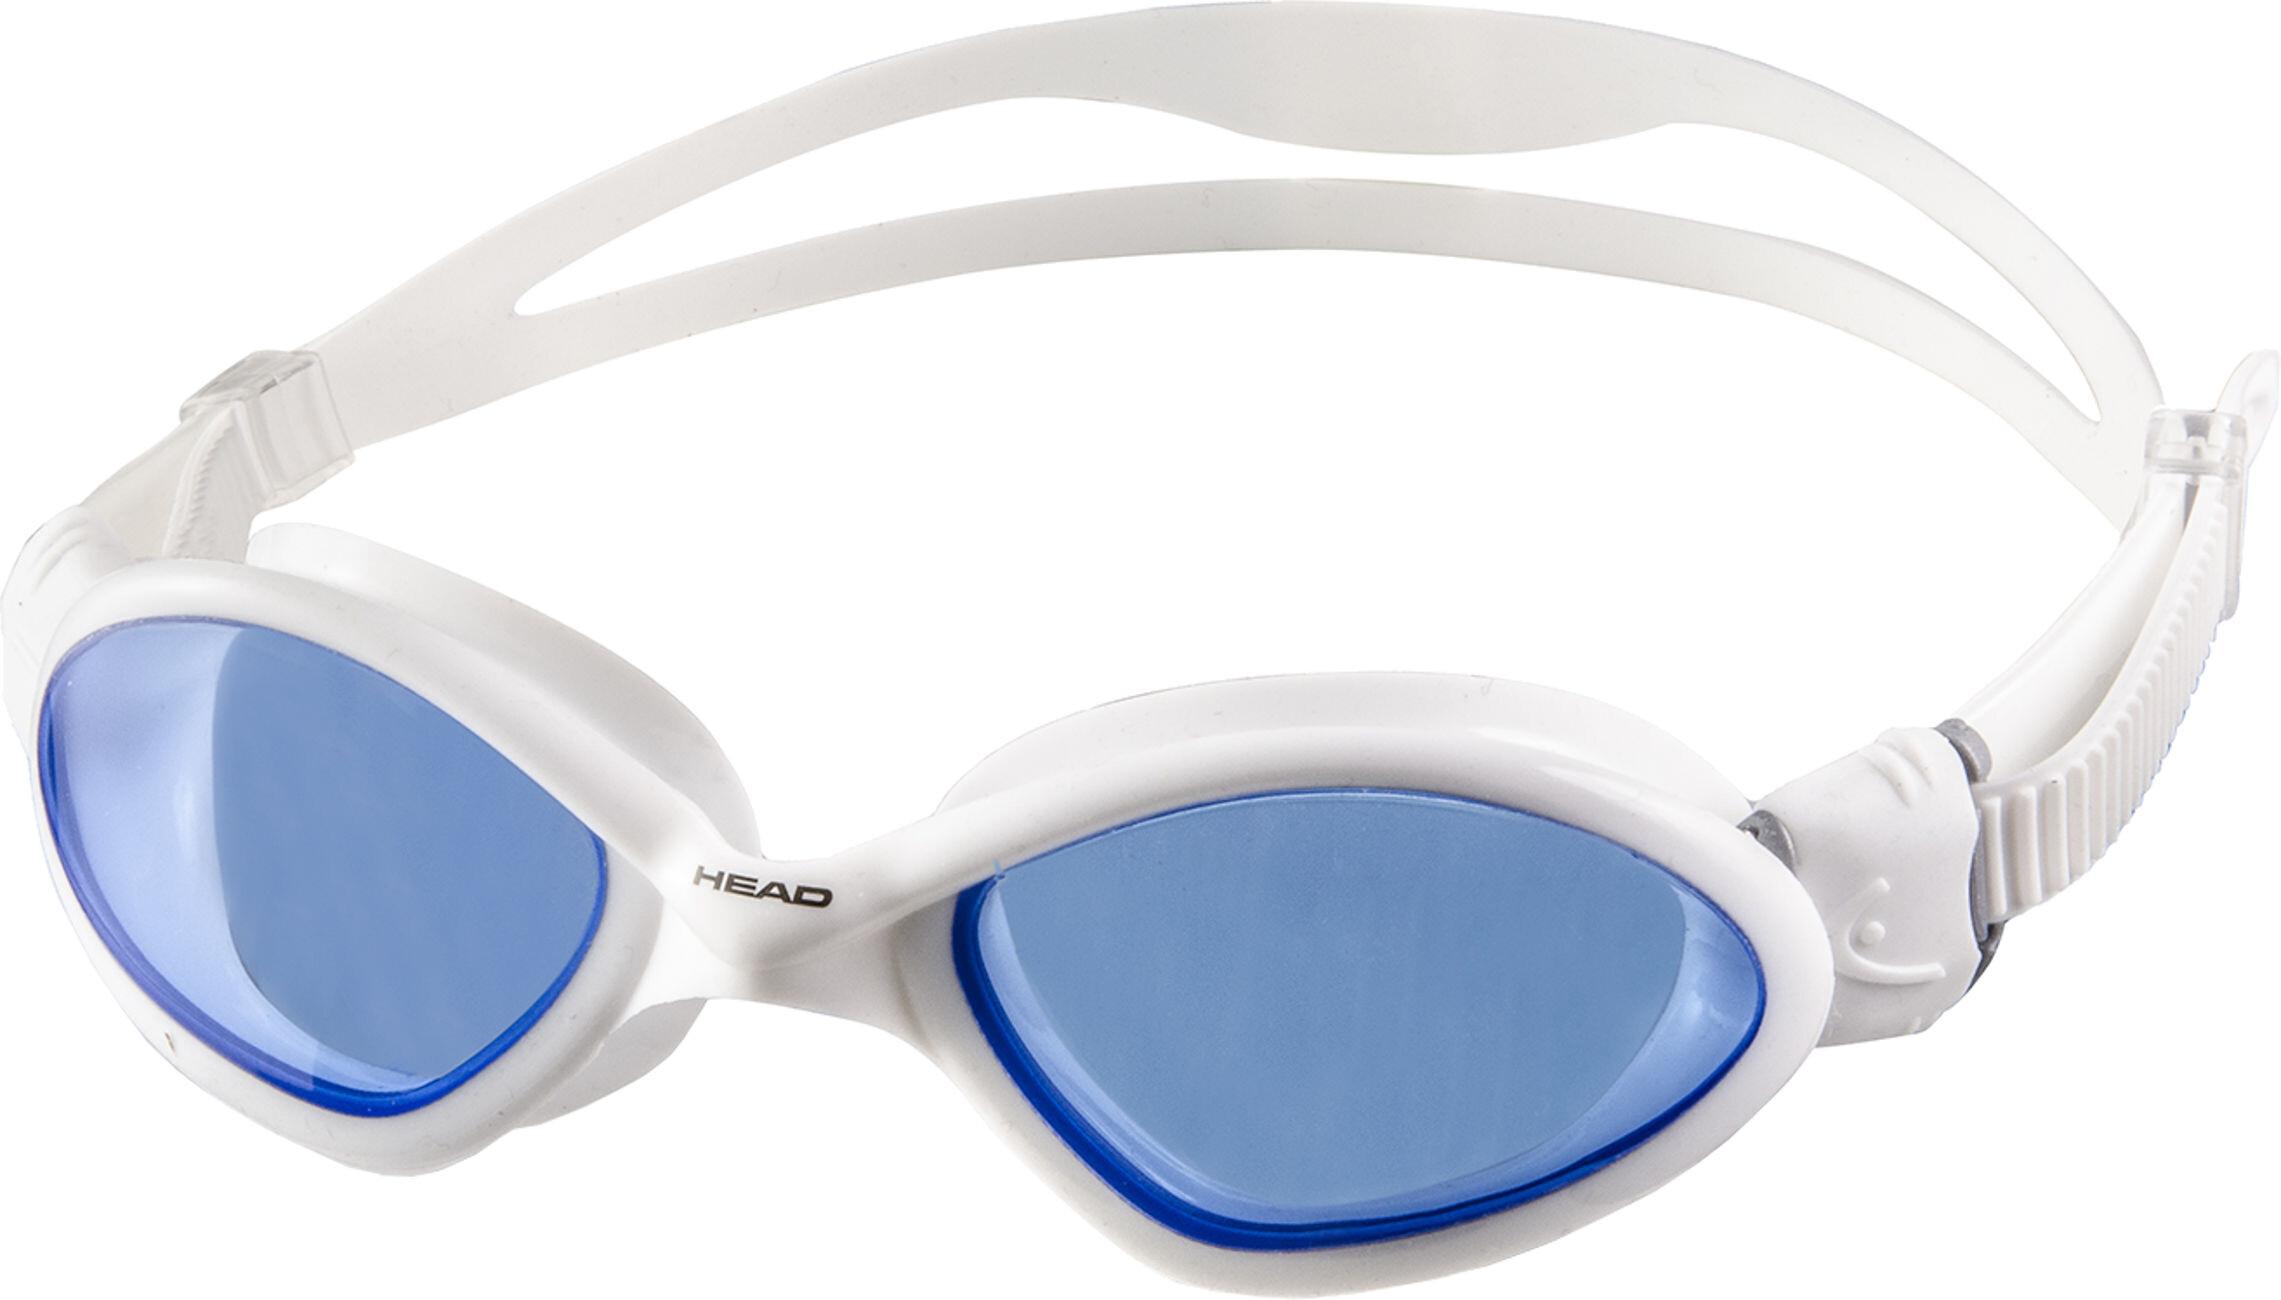 Head Tiger Mid Simglasögon blå vit - till fenomenalt pris på Bikester 18a1003a04ac8